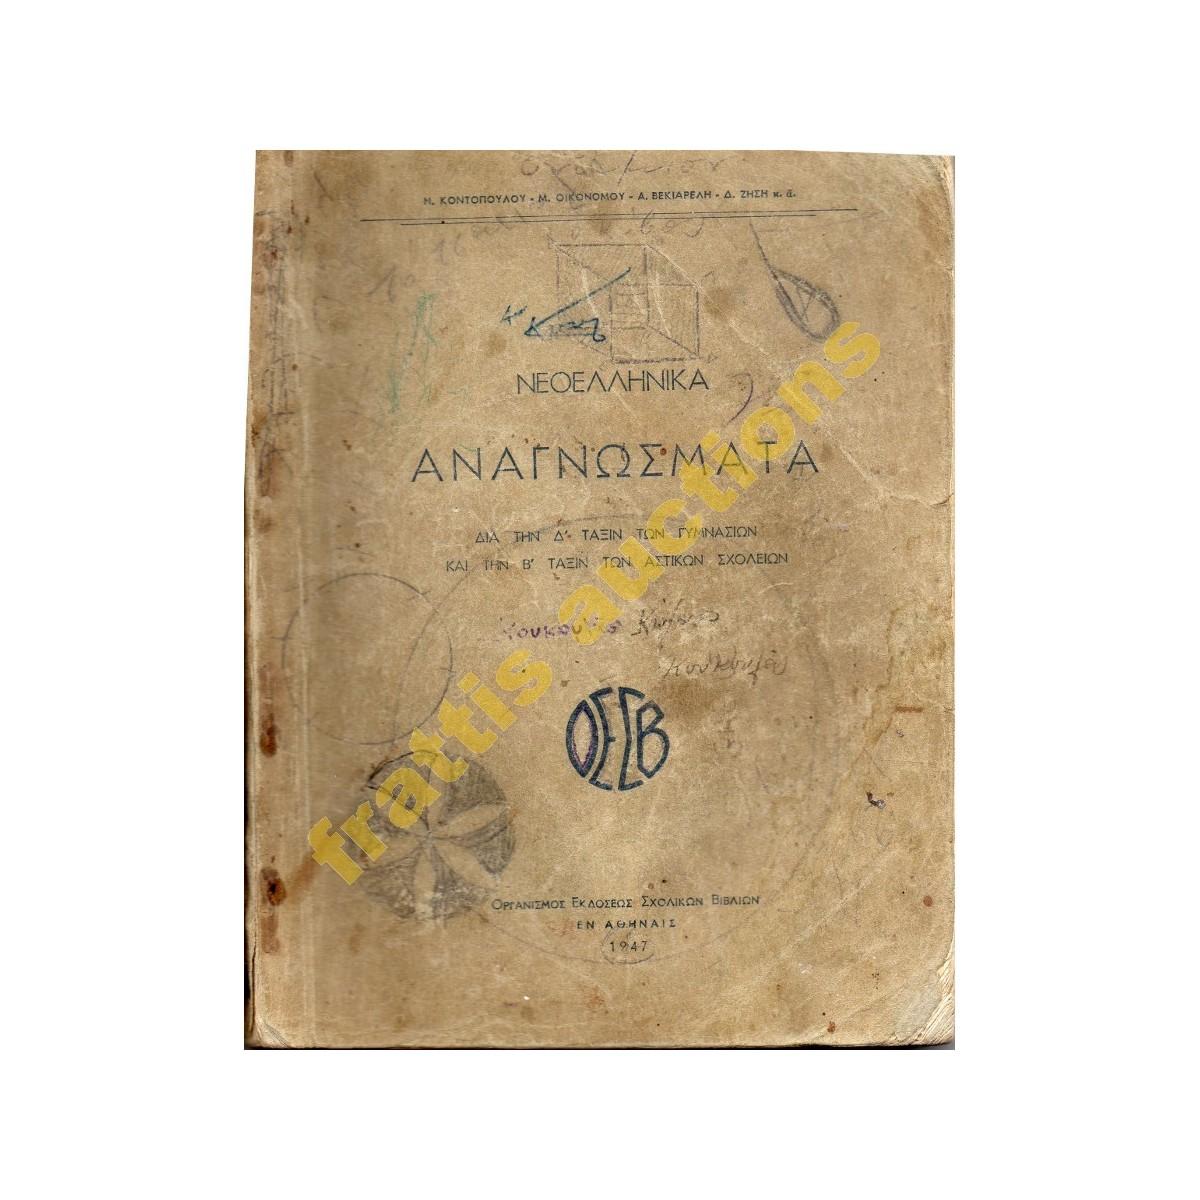 Νεοελληνικά Αναγνώσματα, ΟΕΣΒ 1947. Δ΄γυμνασίου, Α΄αστικών σχολείων.